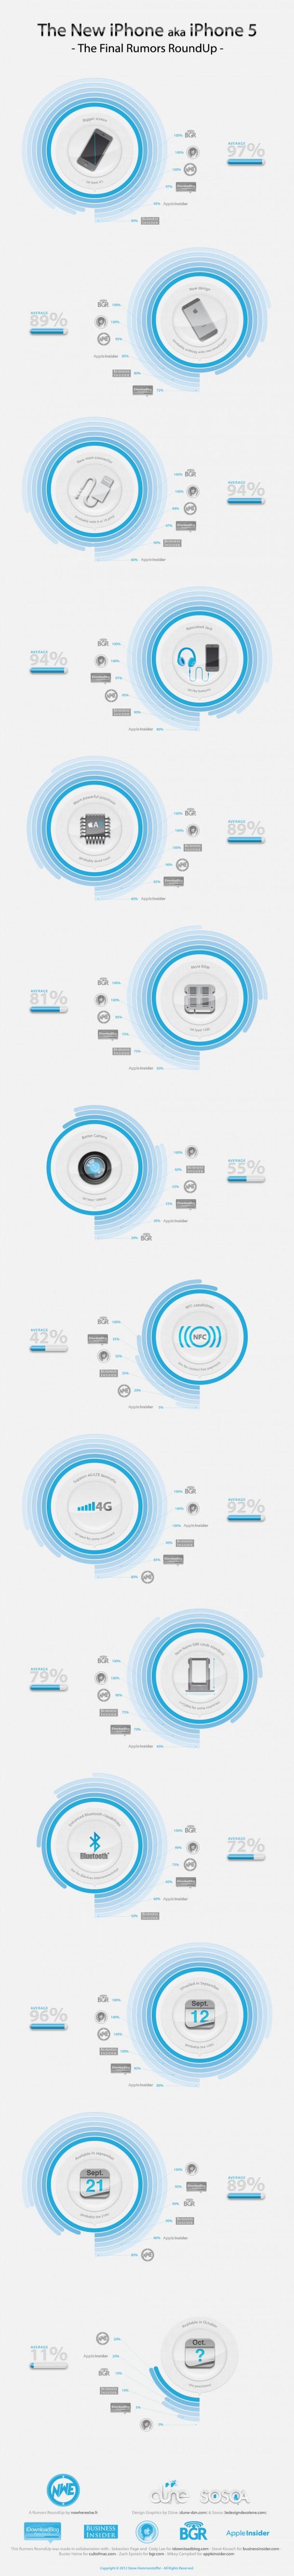 iPhone 5 Rumors Roundup (infographic)